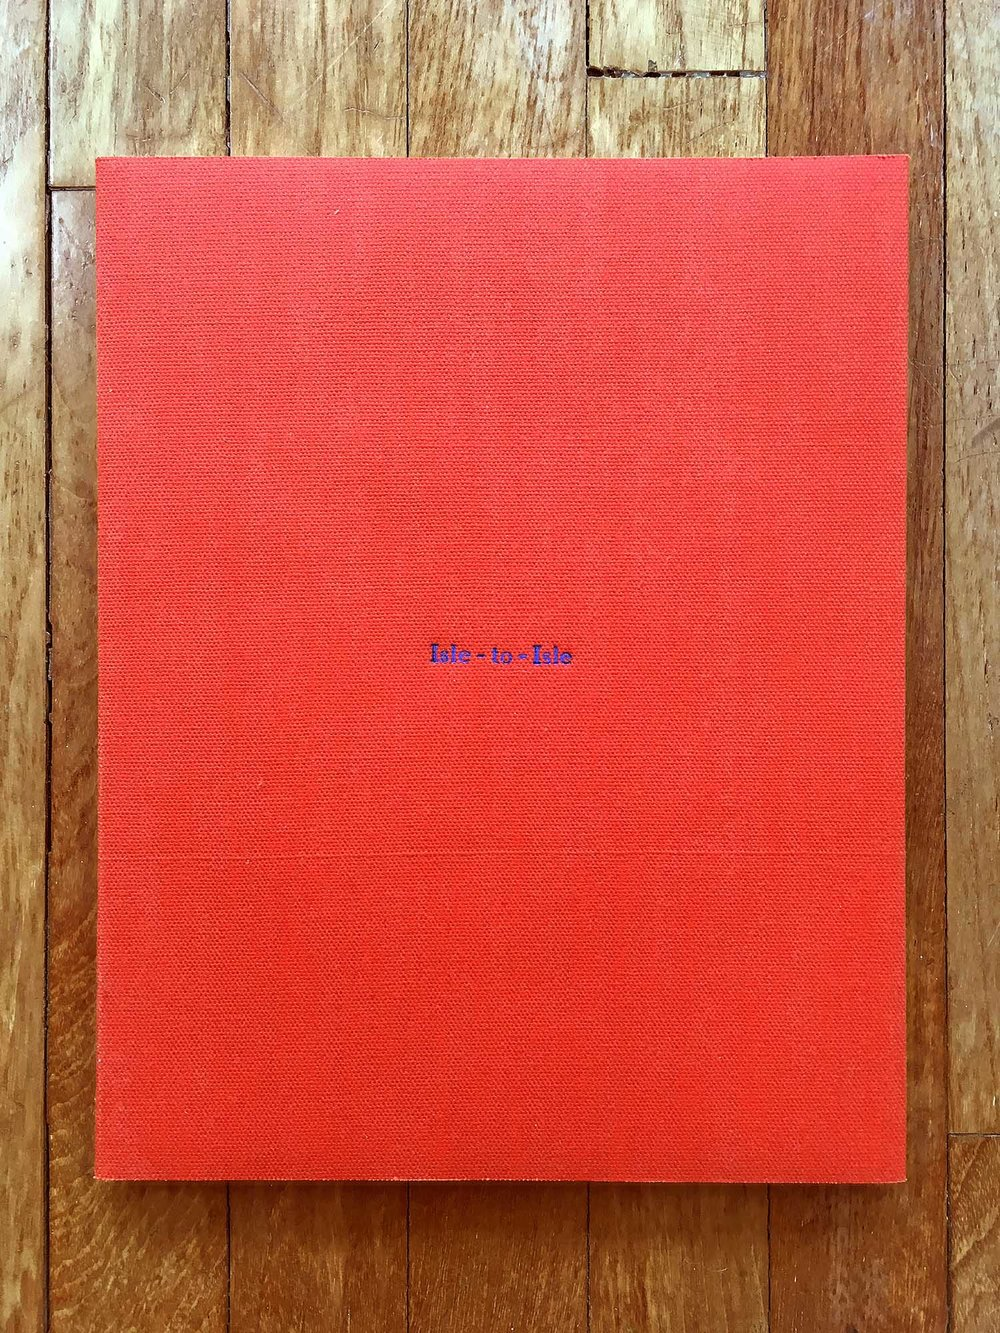 i2i-book-2.jpg